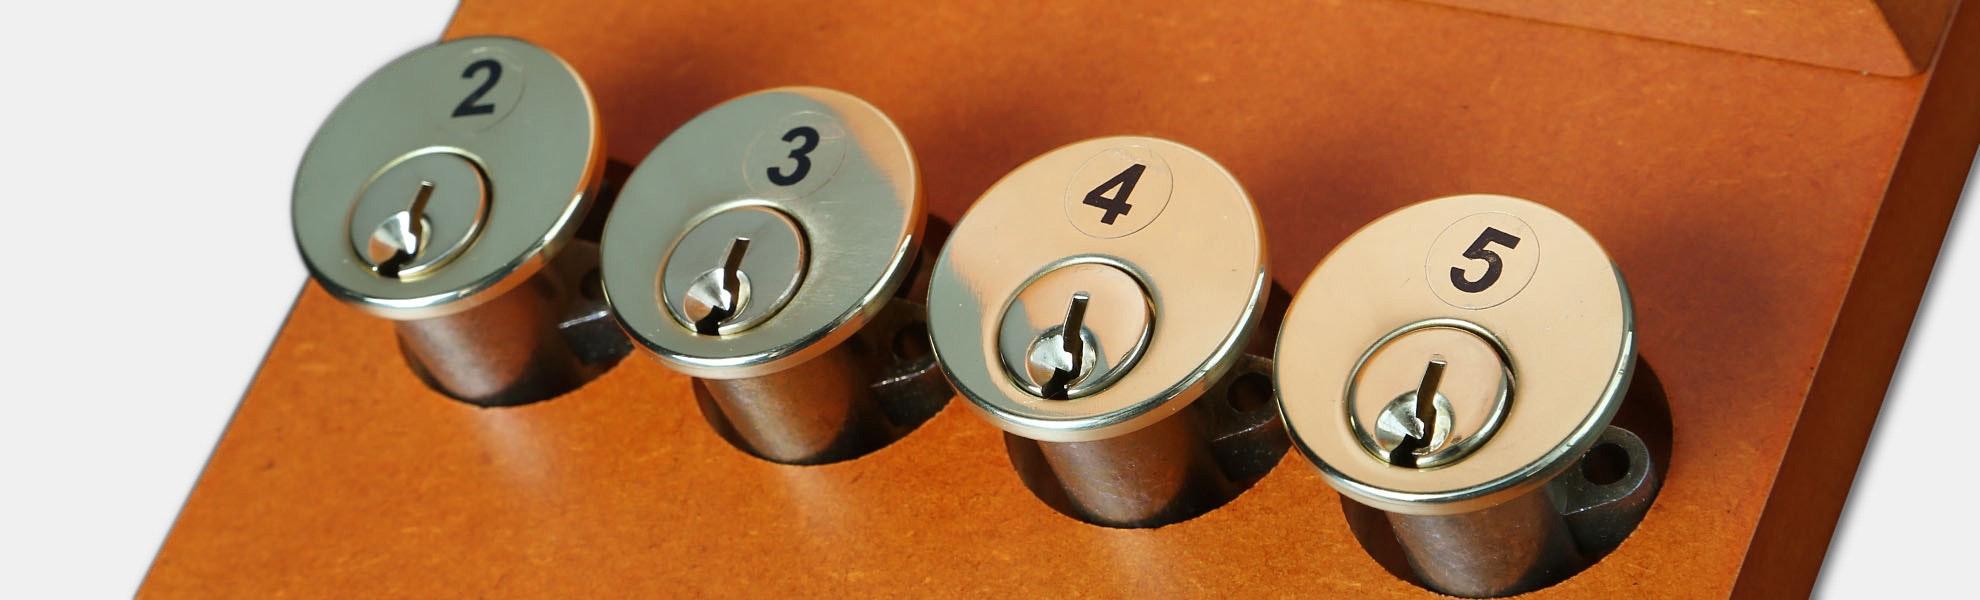 SouthOrd ST-23 Locksmith Kit